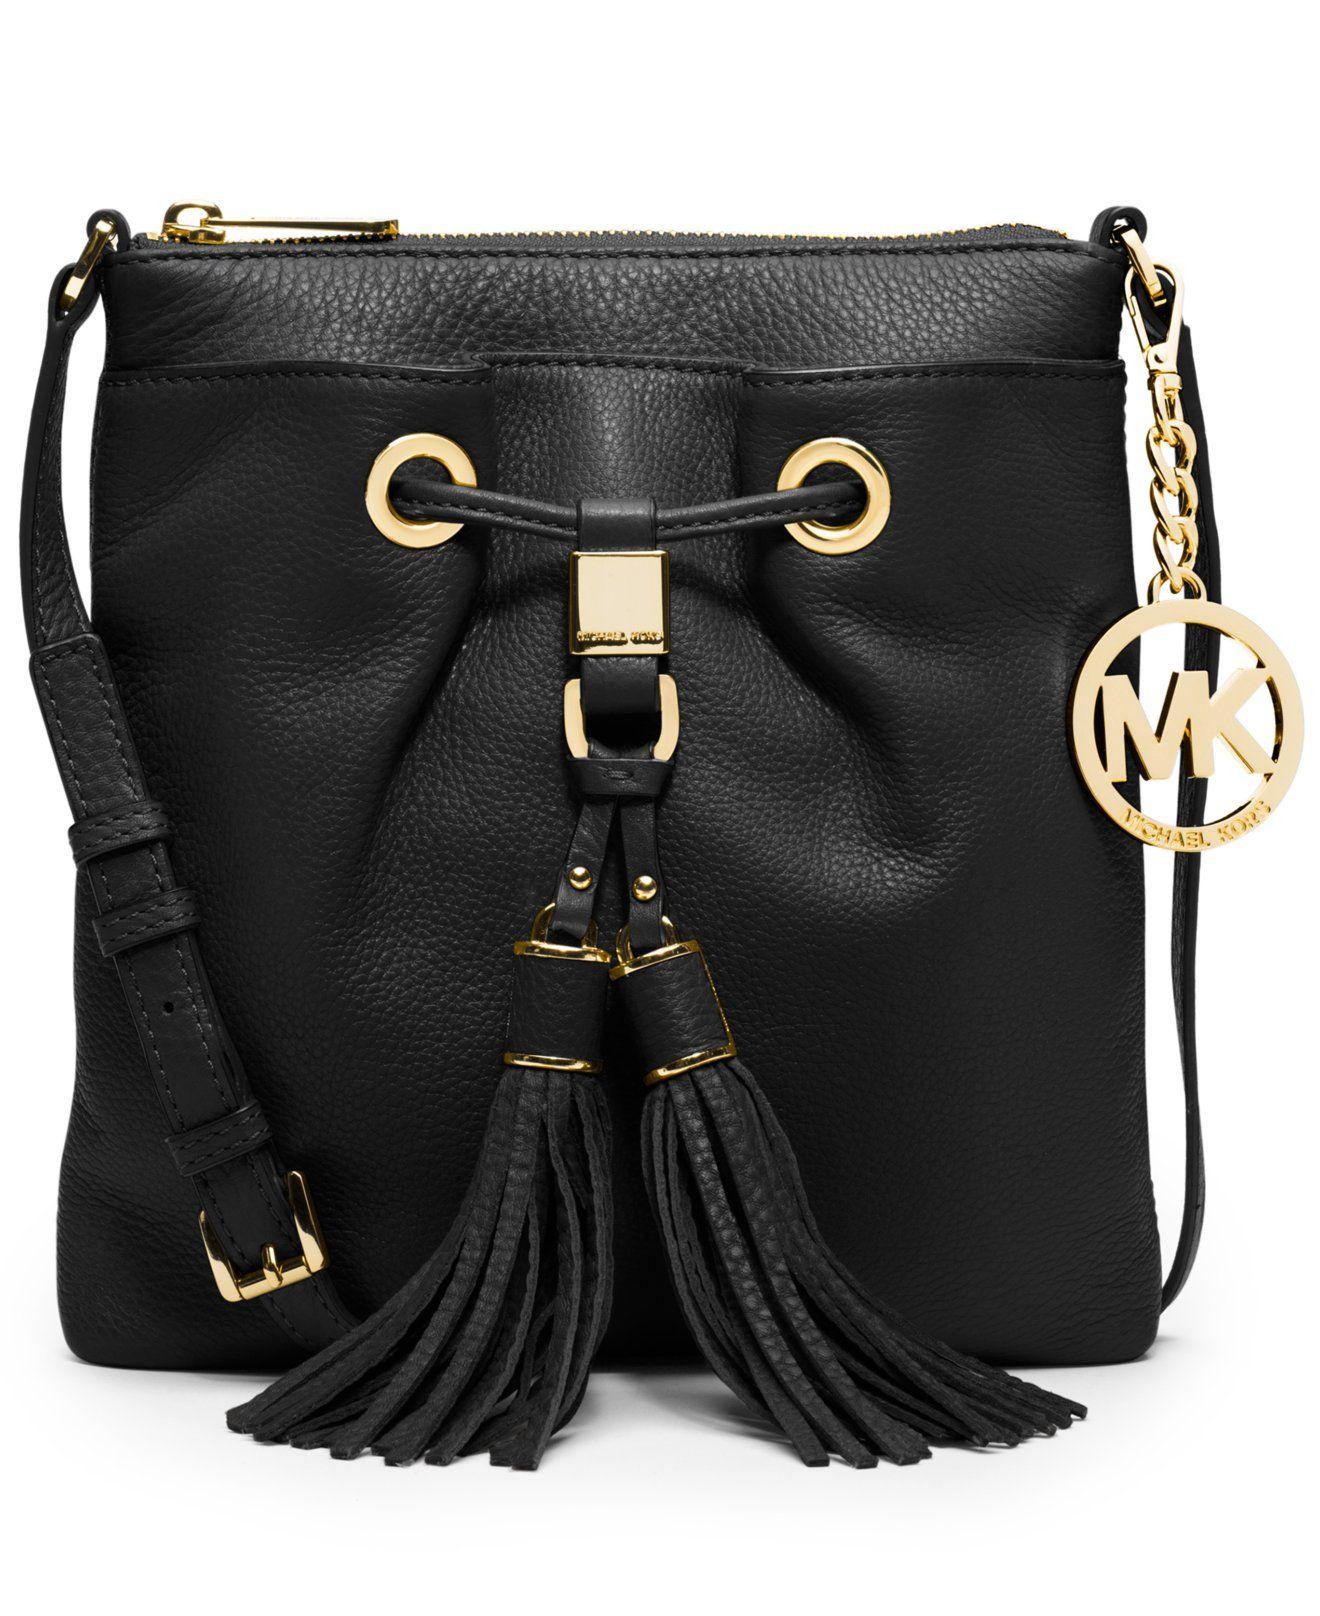 36ea1e0f0d2d3b MICHAEL Michael Kors Camden Drawstring Crossbody - Michael Kors Handbags -  Handbags & Accessories - Macy's